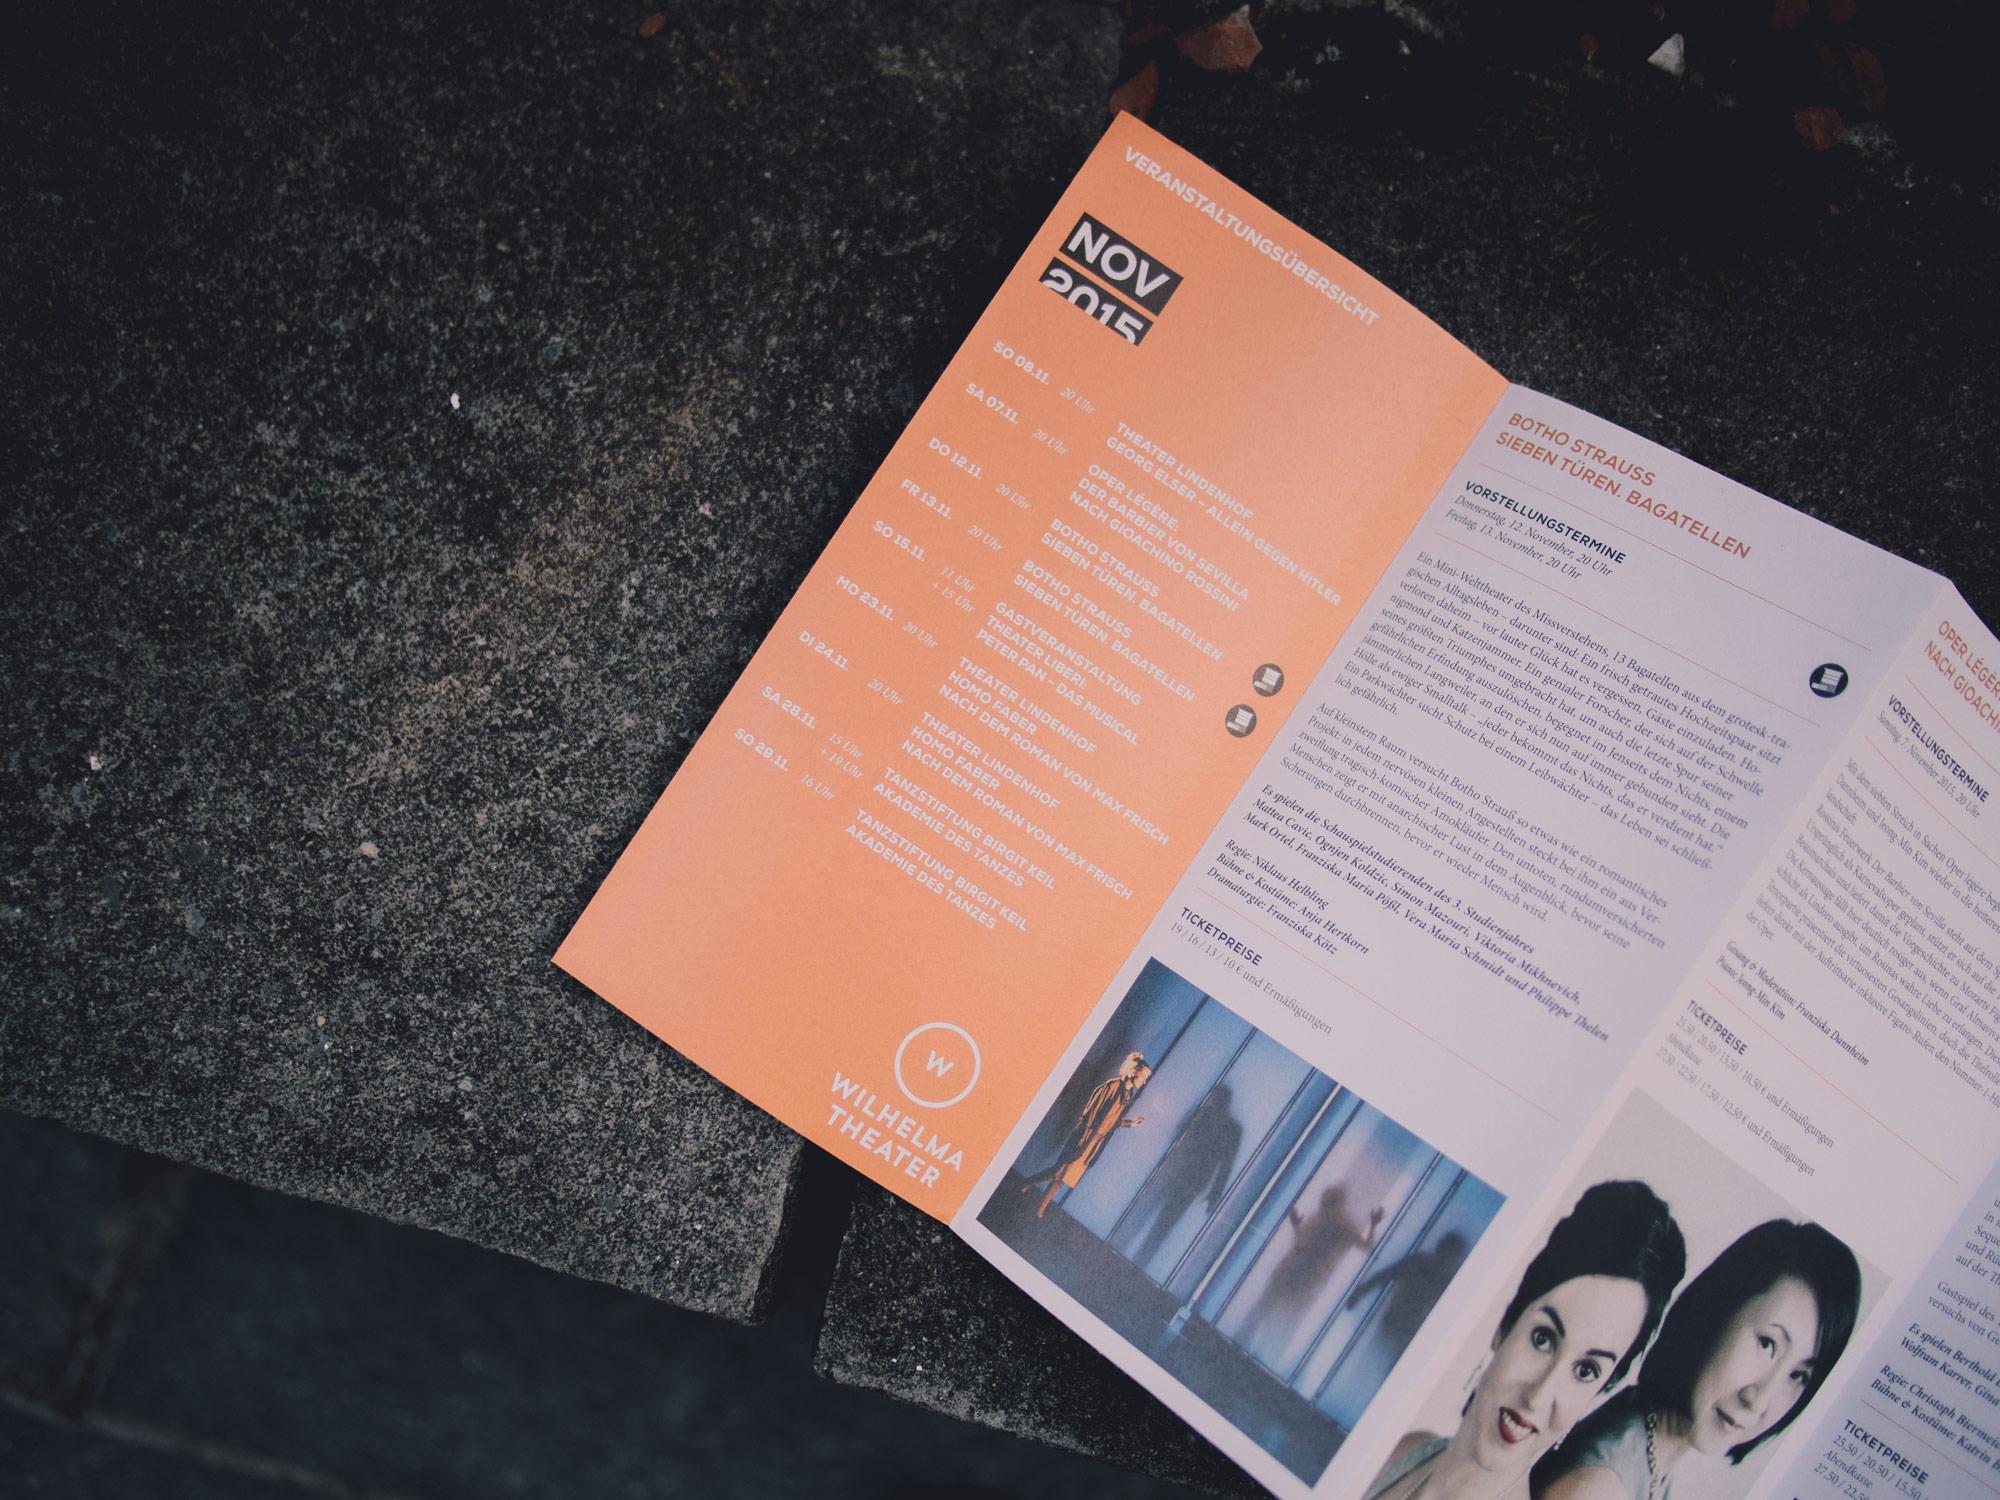 Man sieht die Innenseiten des Programmhefts des Wilhelma Theaters Stuttgart. Das Heft liegt auf einer Mauer, auf den Seiten sieht man 2 Bilder mit Schauspielern aktueller Stücke. Das Design ist von MAJORMAJOR.